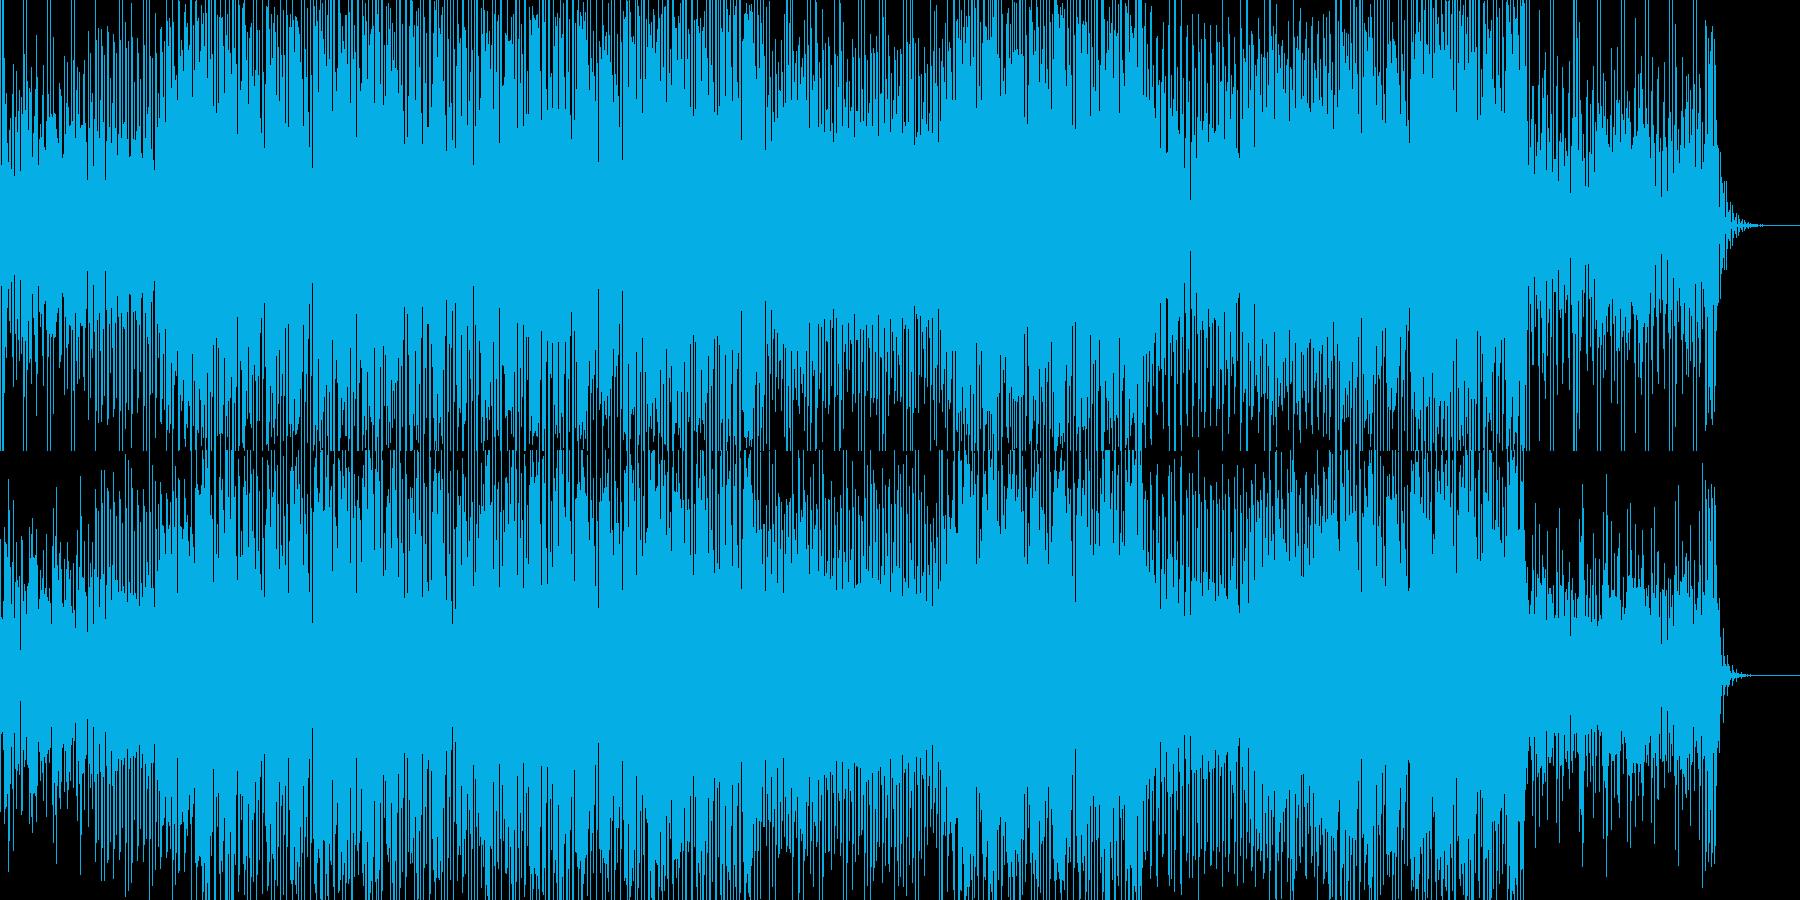 ゲームっぽいリズムのテクノ系BGMの再生済みの波形